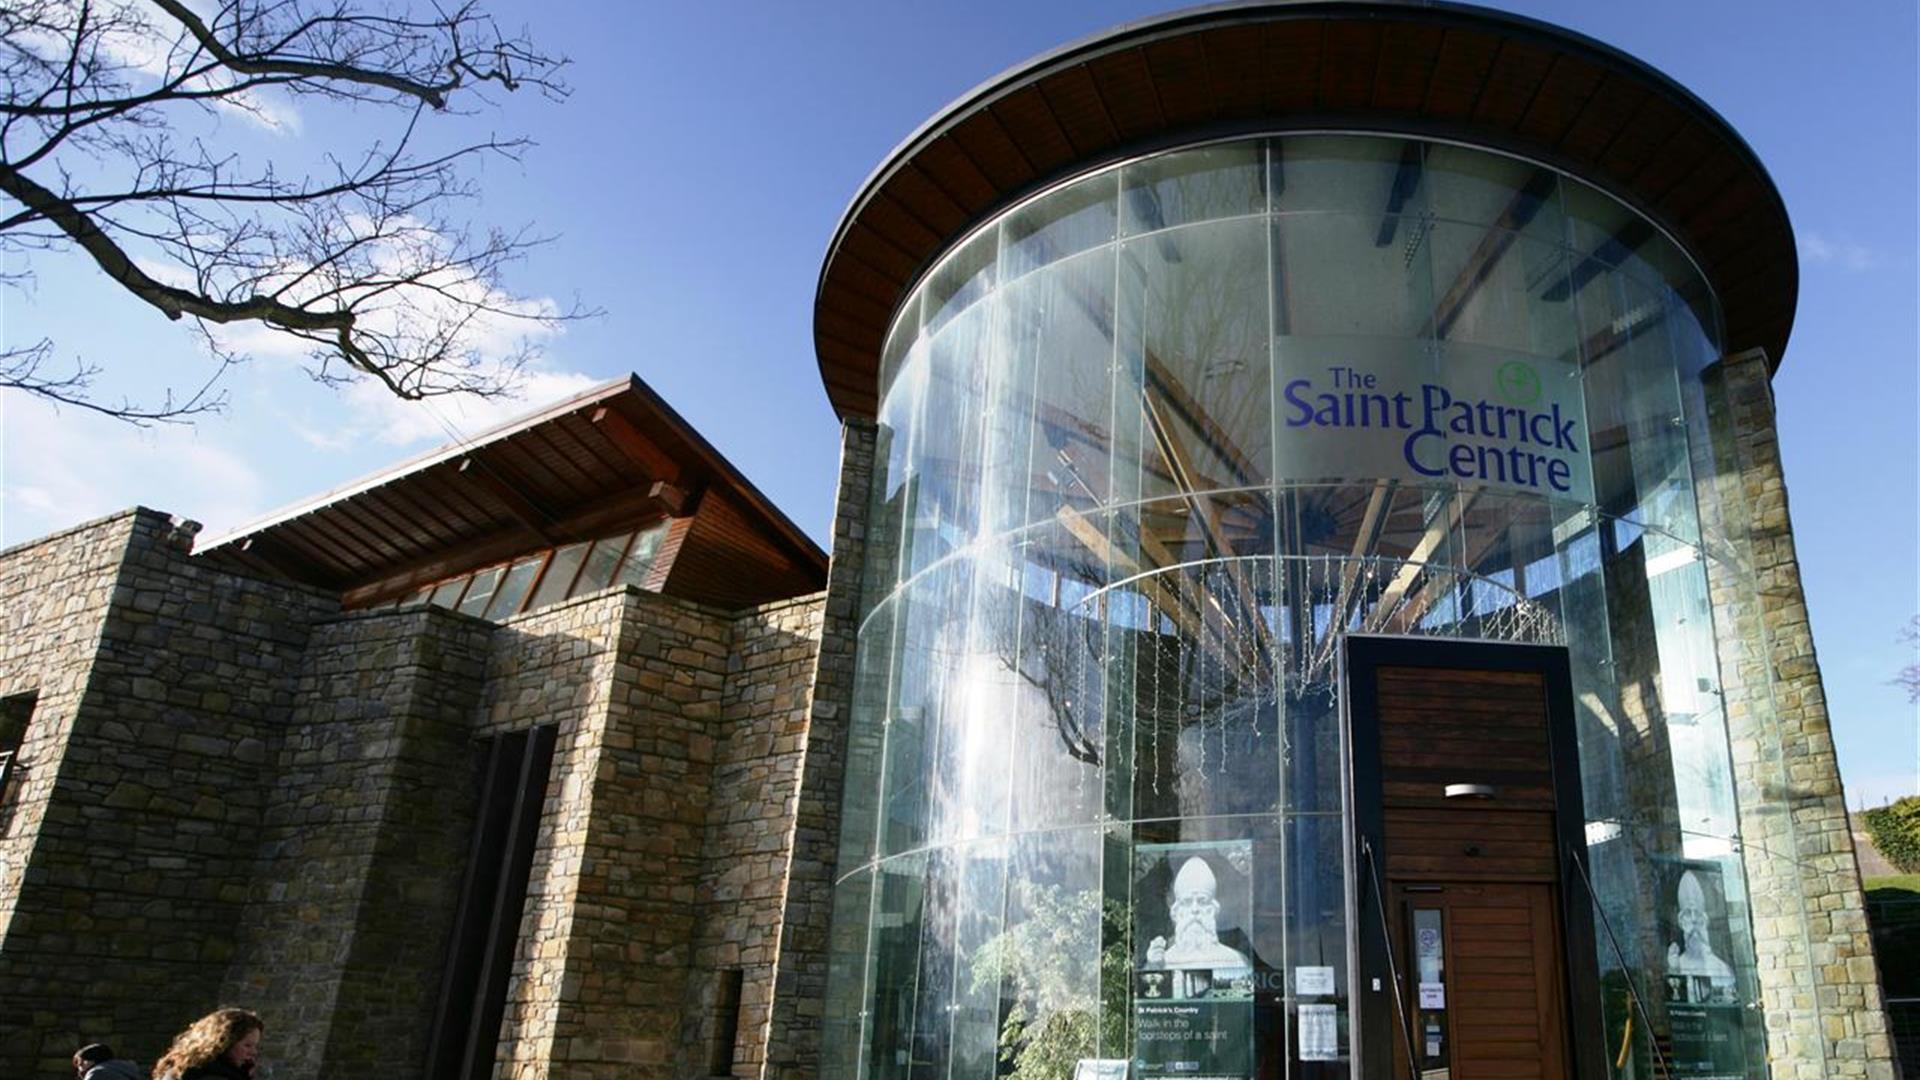 The Saint Patrick Centre